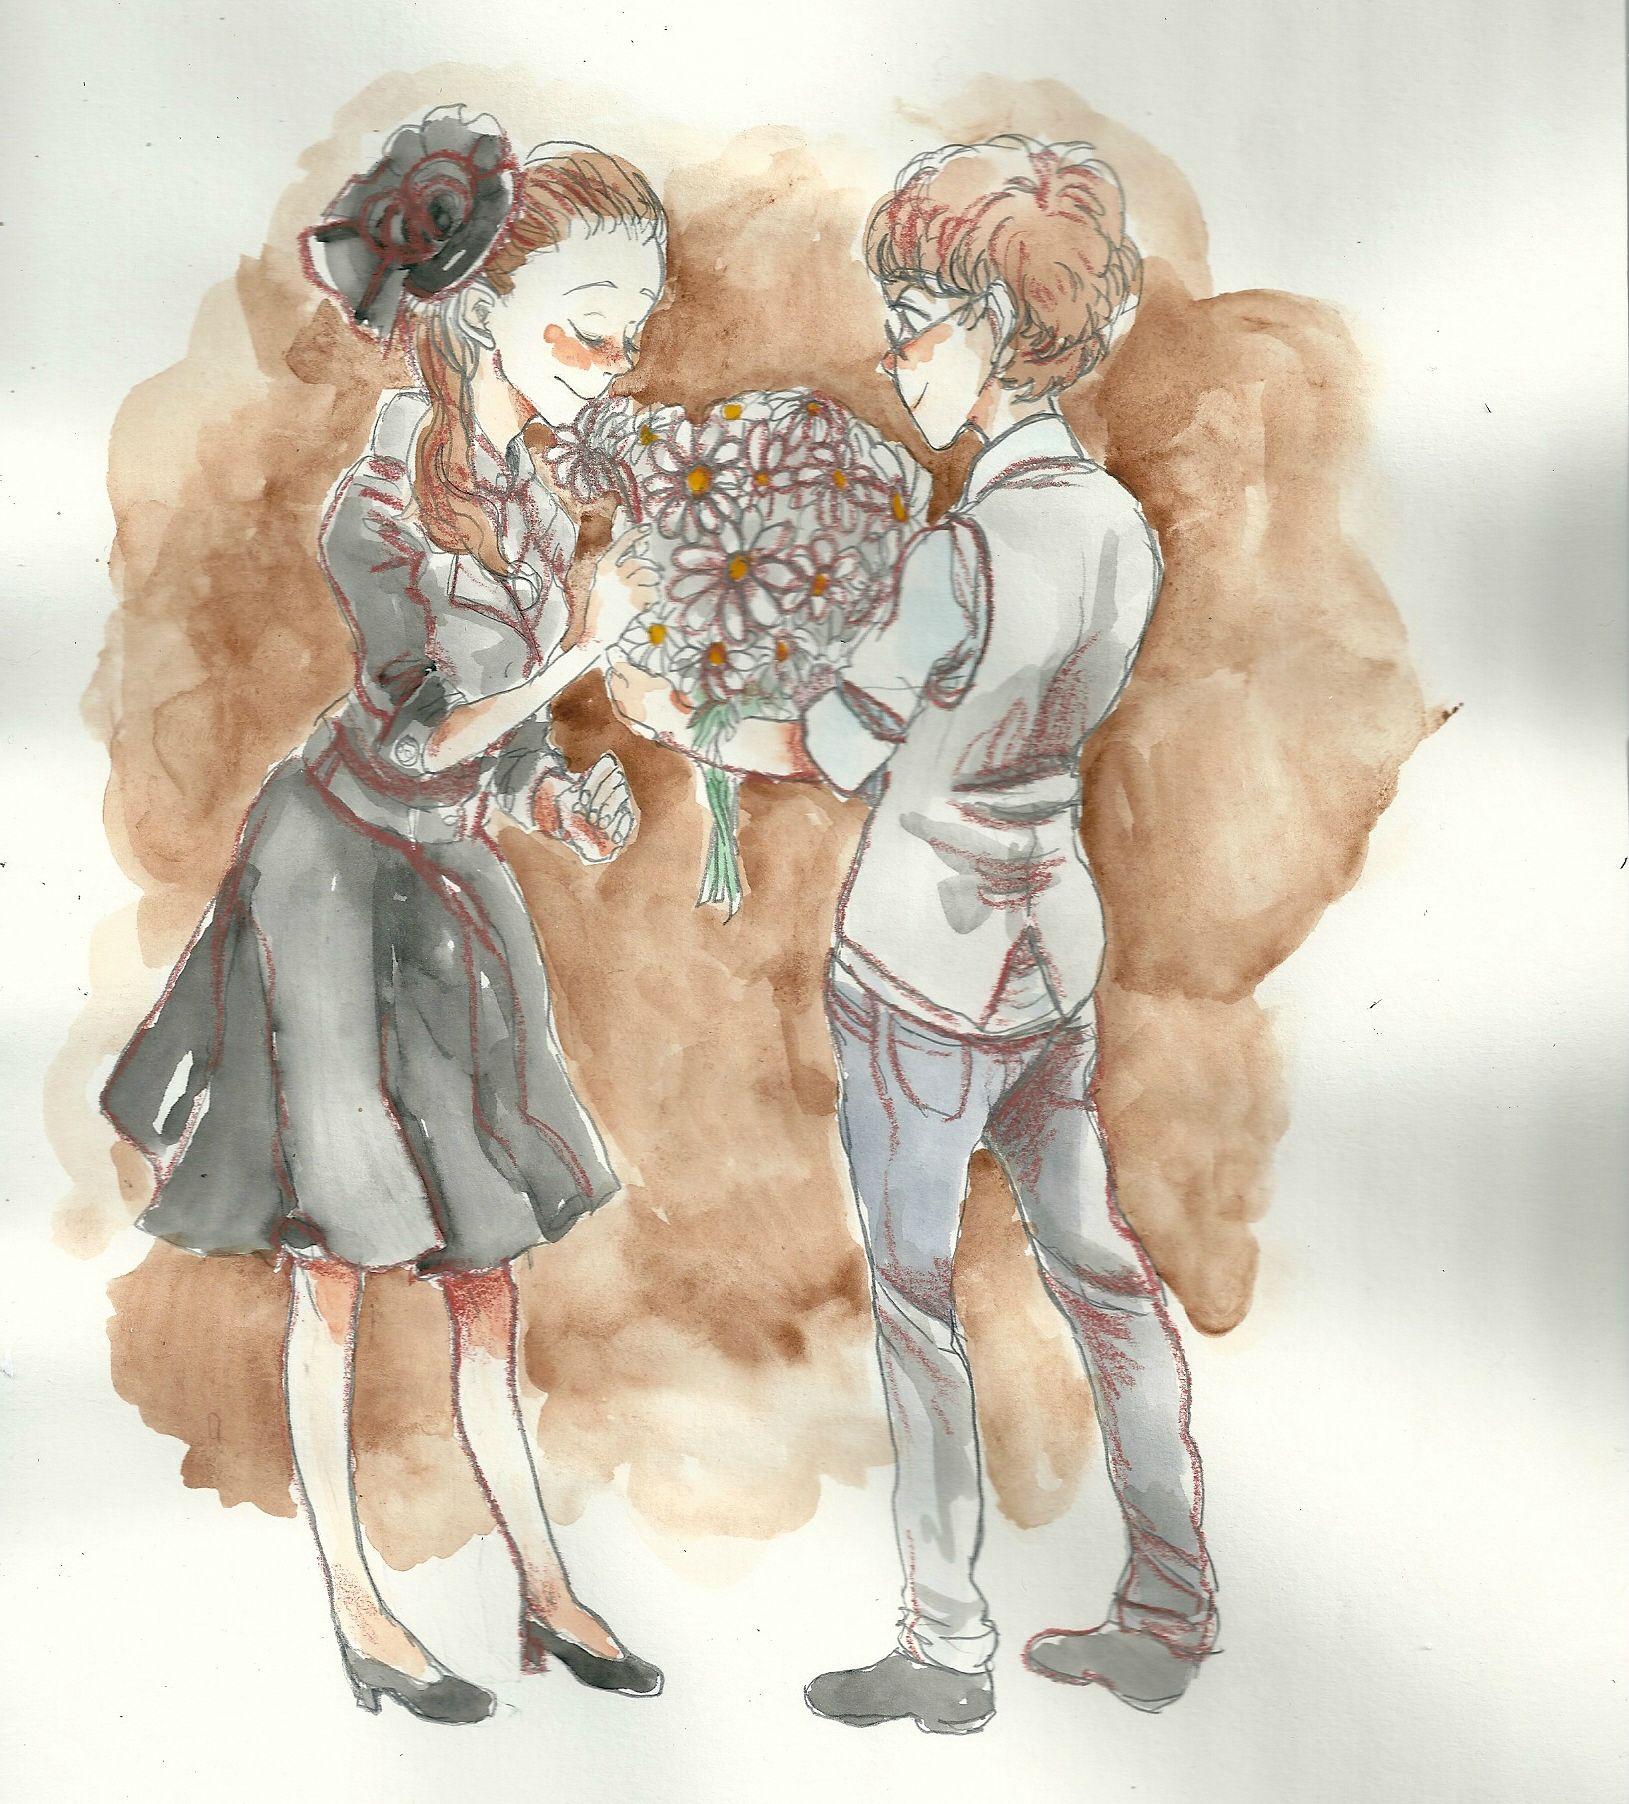 這名男子找了18名畫家幫他出完美的「求婚漫畫」。不說好都不行!